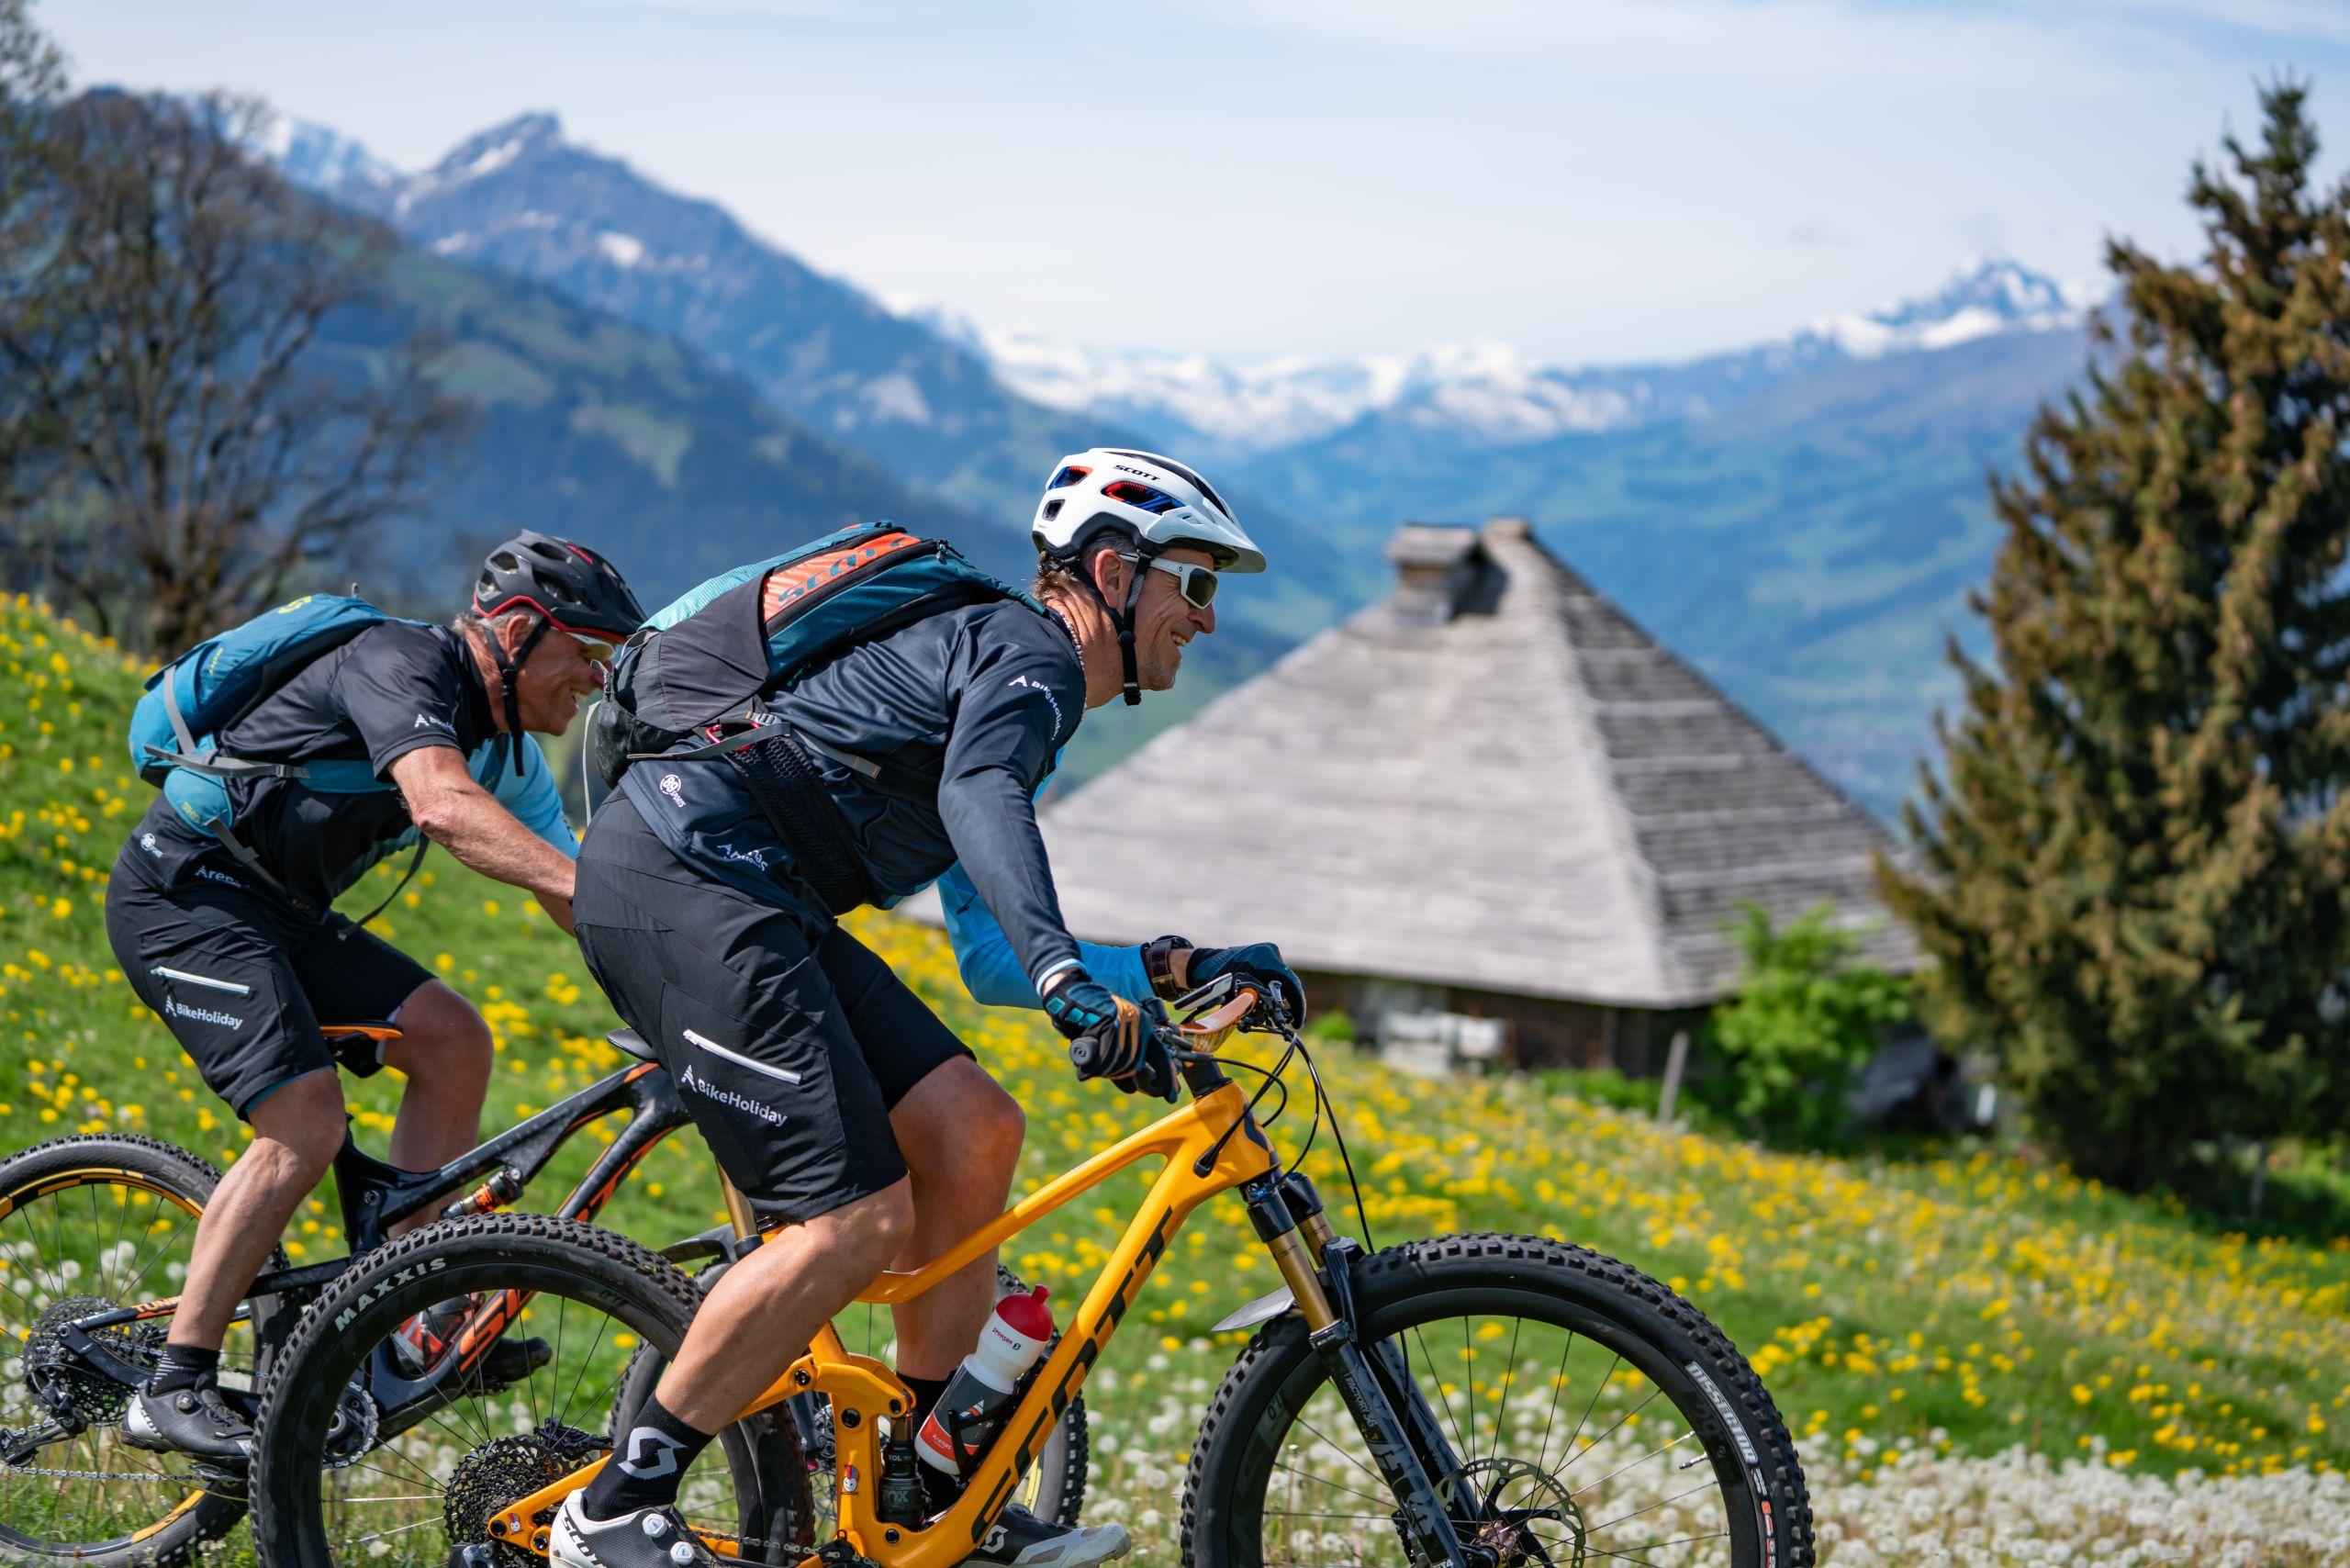 Bikeholiday-tritt-in-die-Pedalen